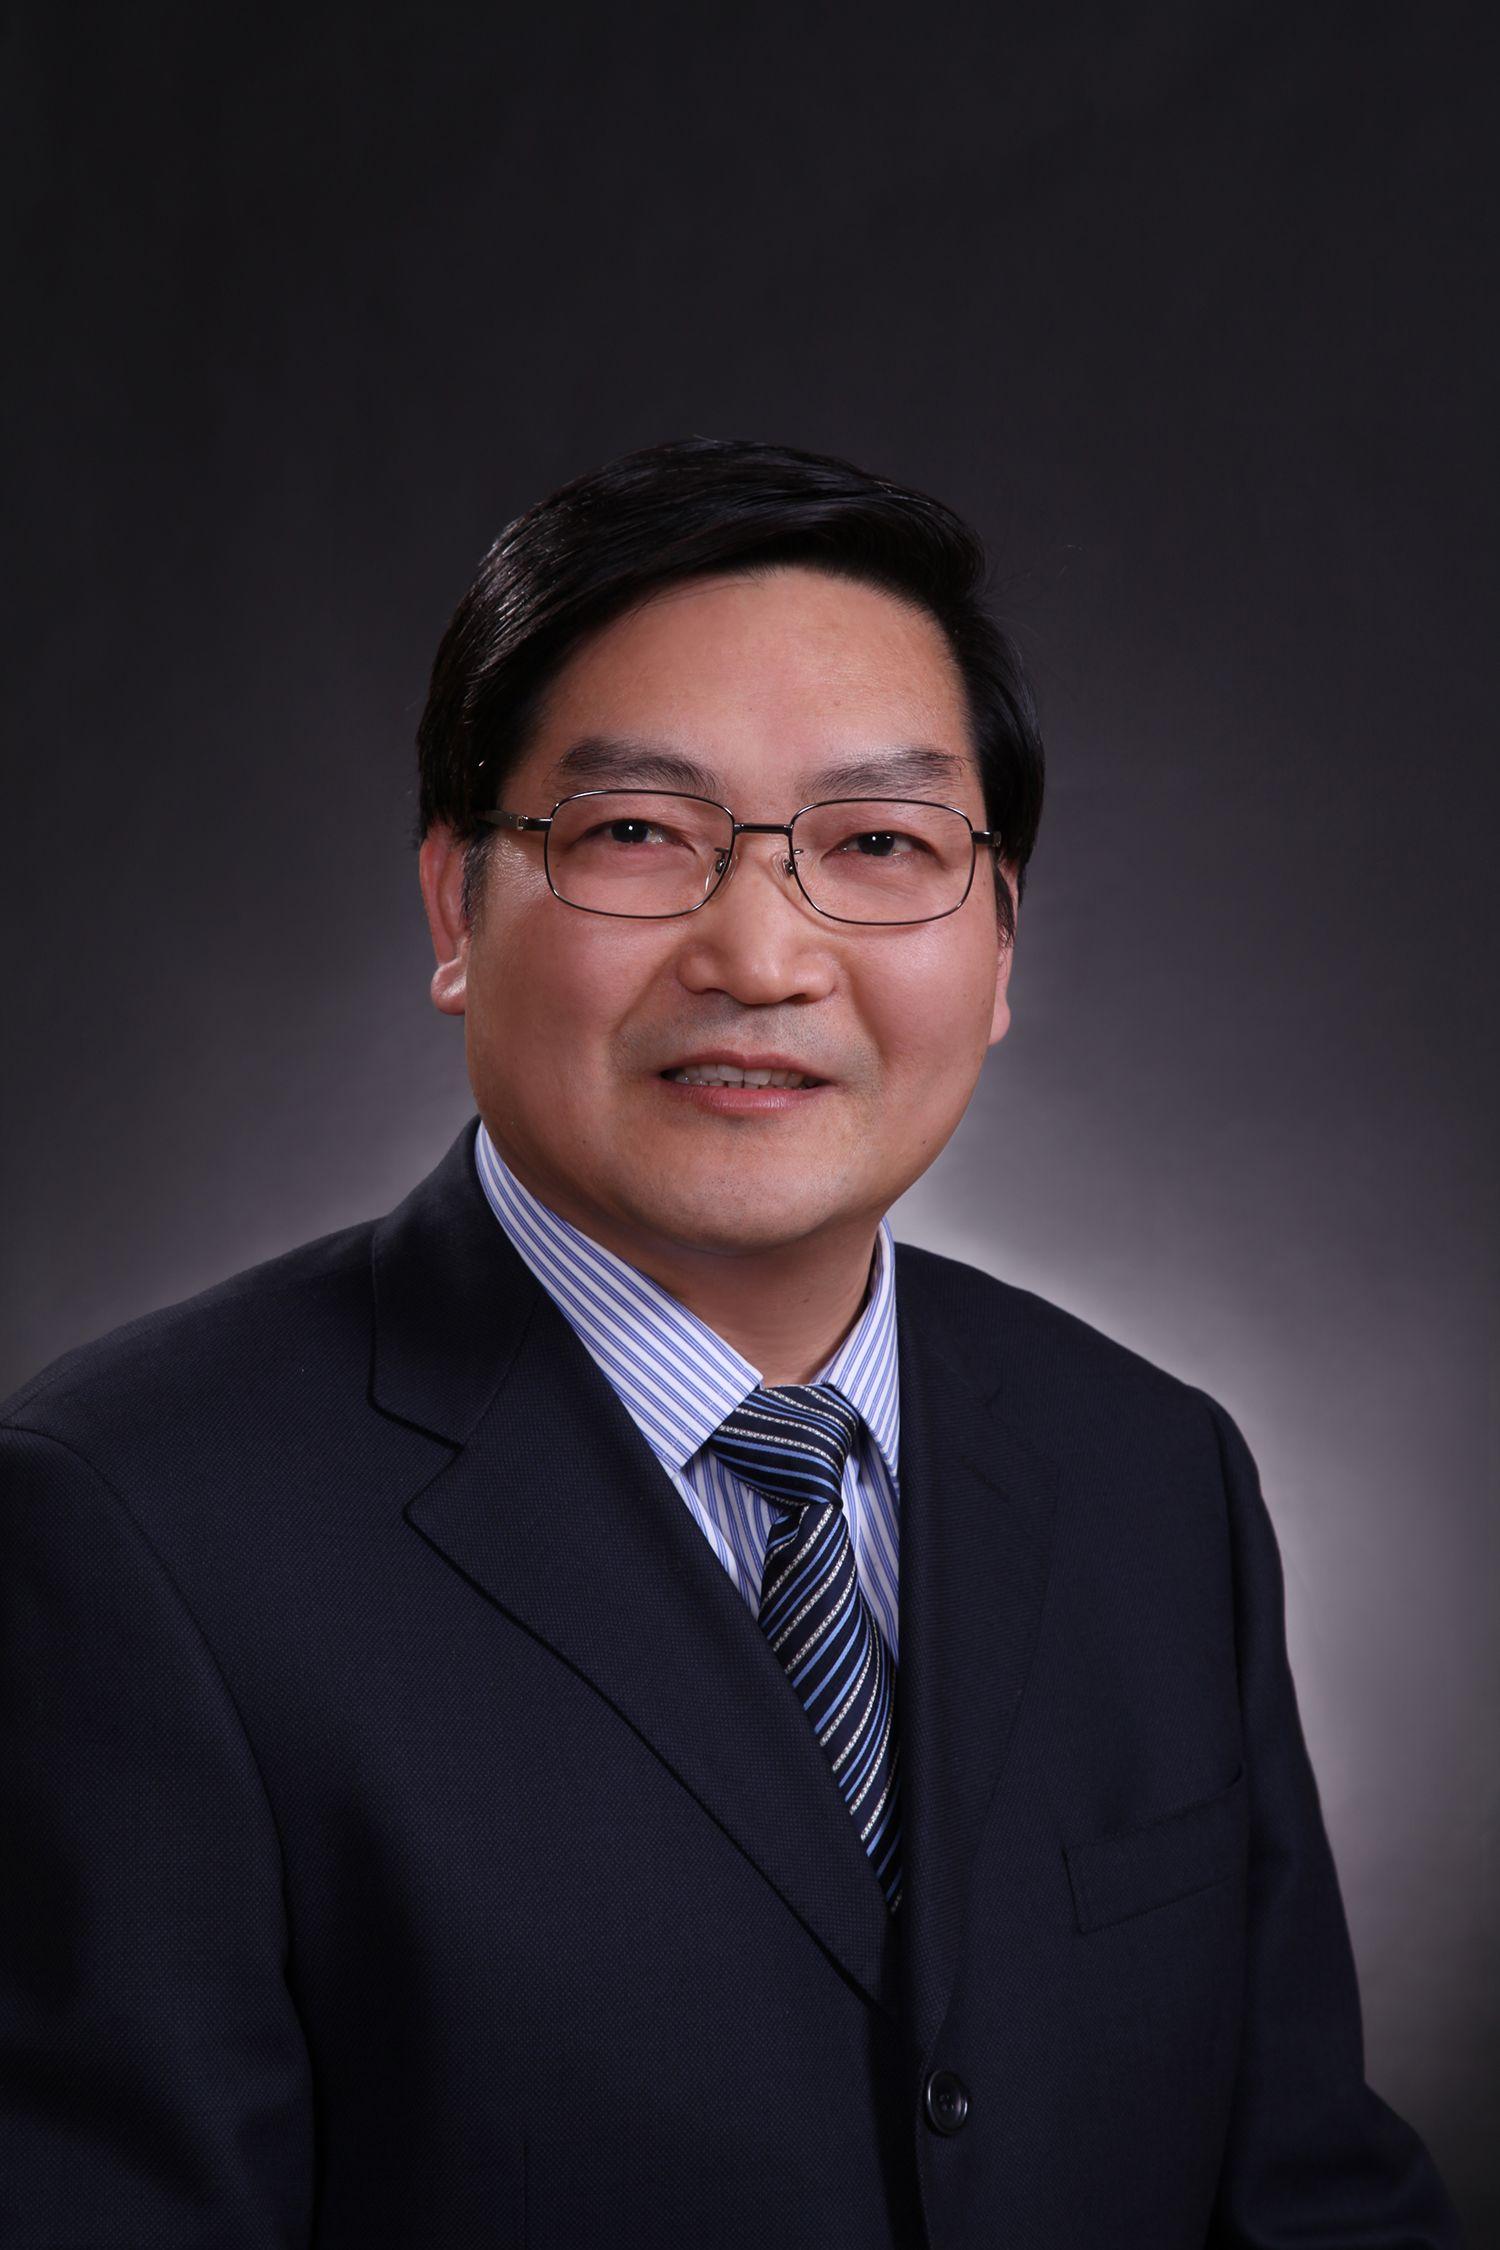 胡三元教授入选中国普通外科领域学术影响力百强榜